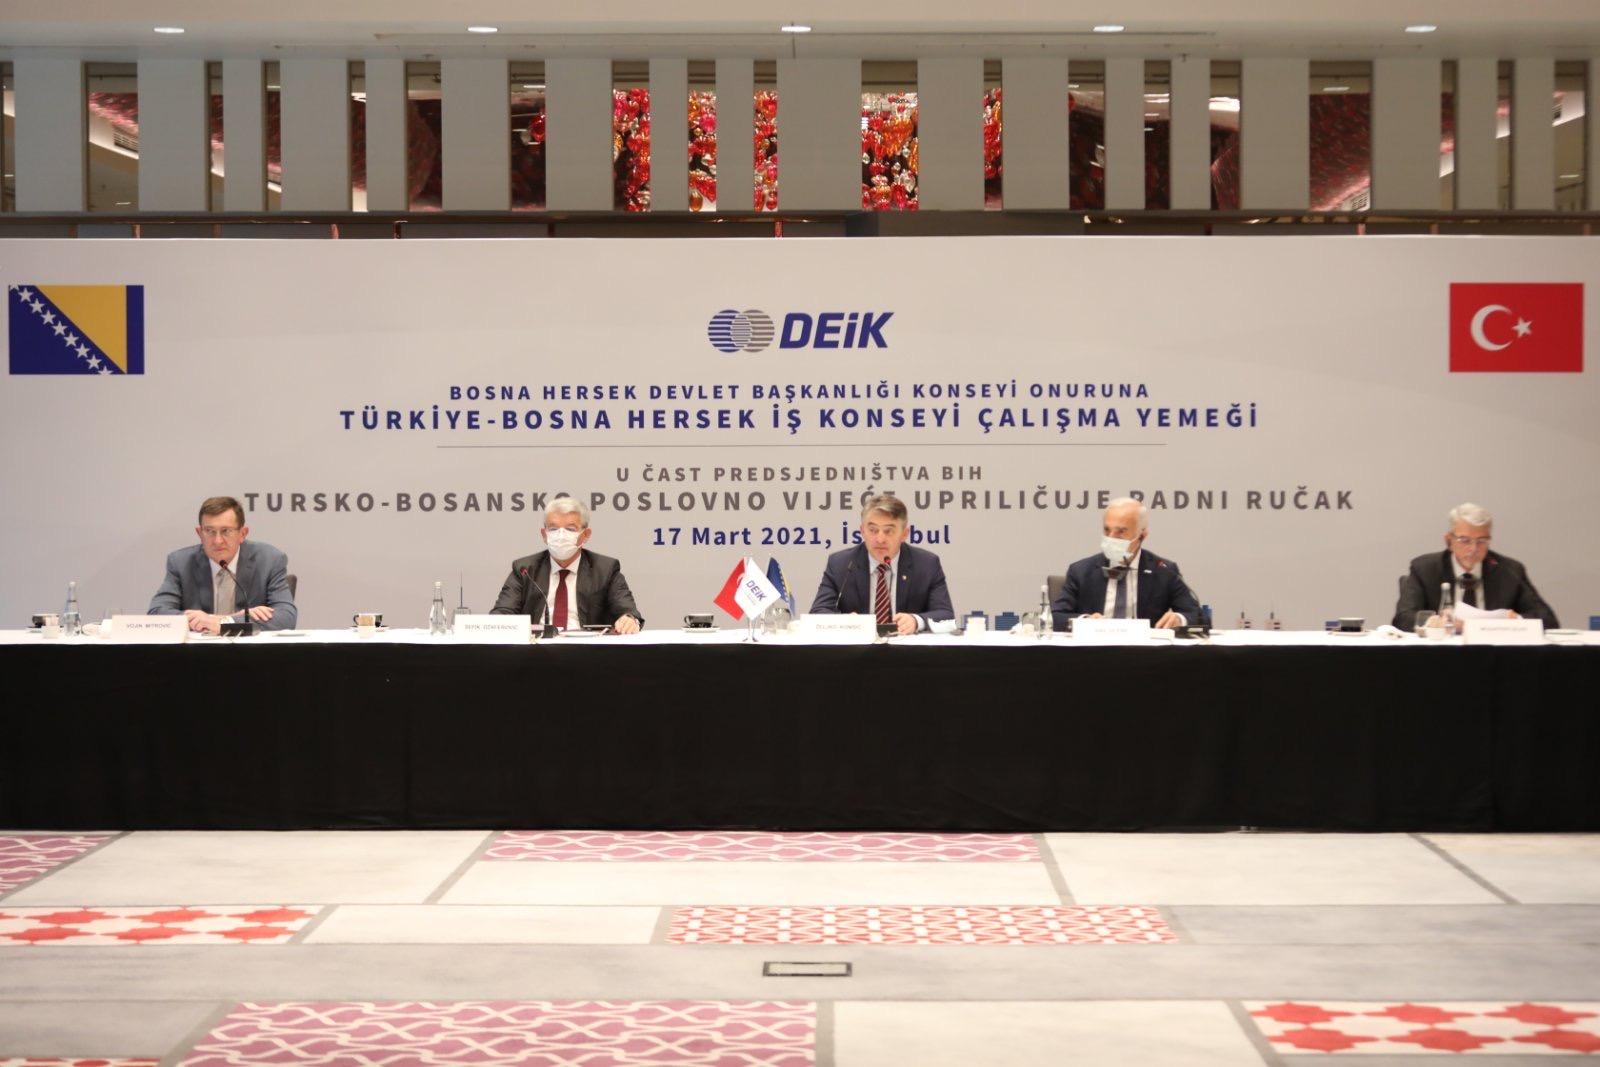 Β-Ε: Συνεχίζουν την επίσκεψή τους στην Τουρκία τα μέλη της Προεδρίας